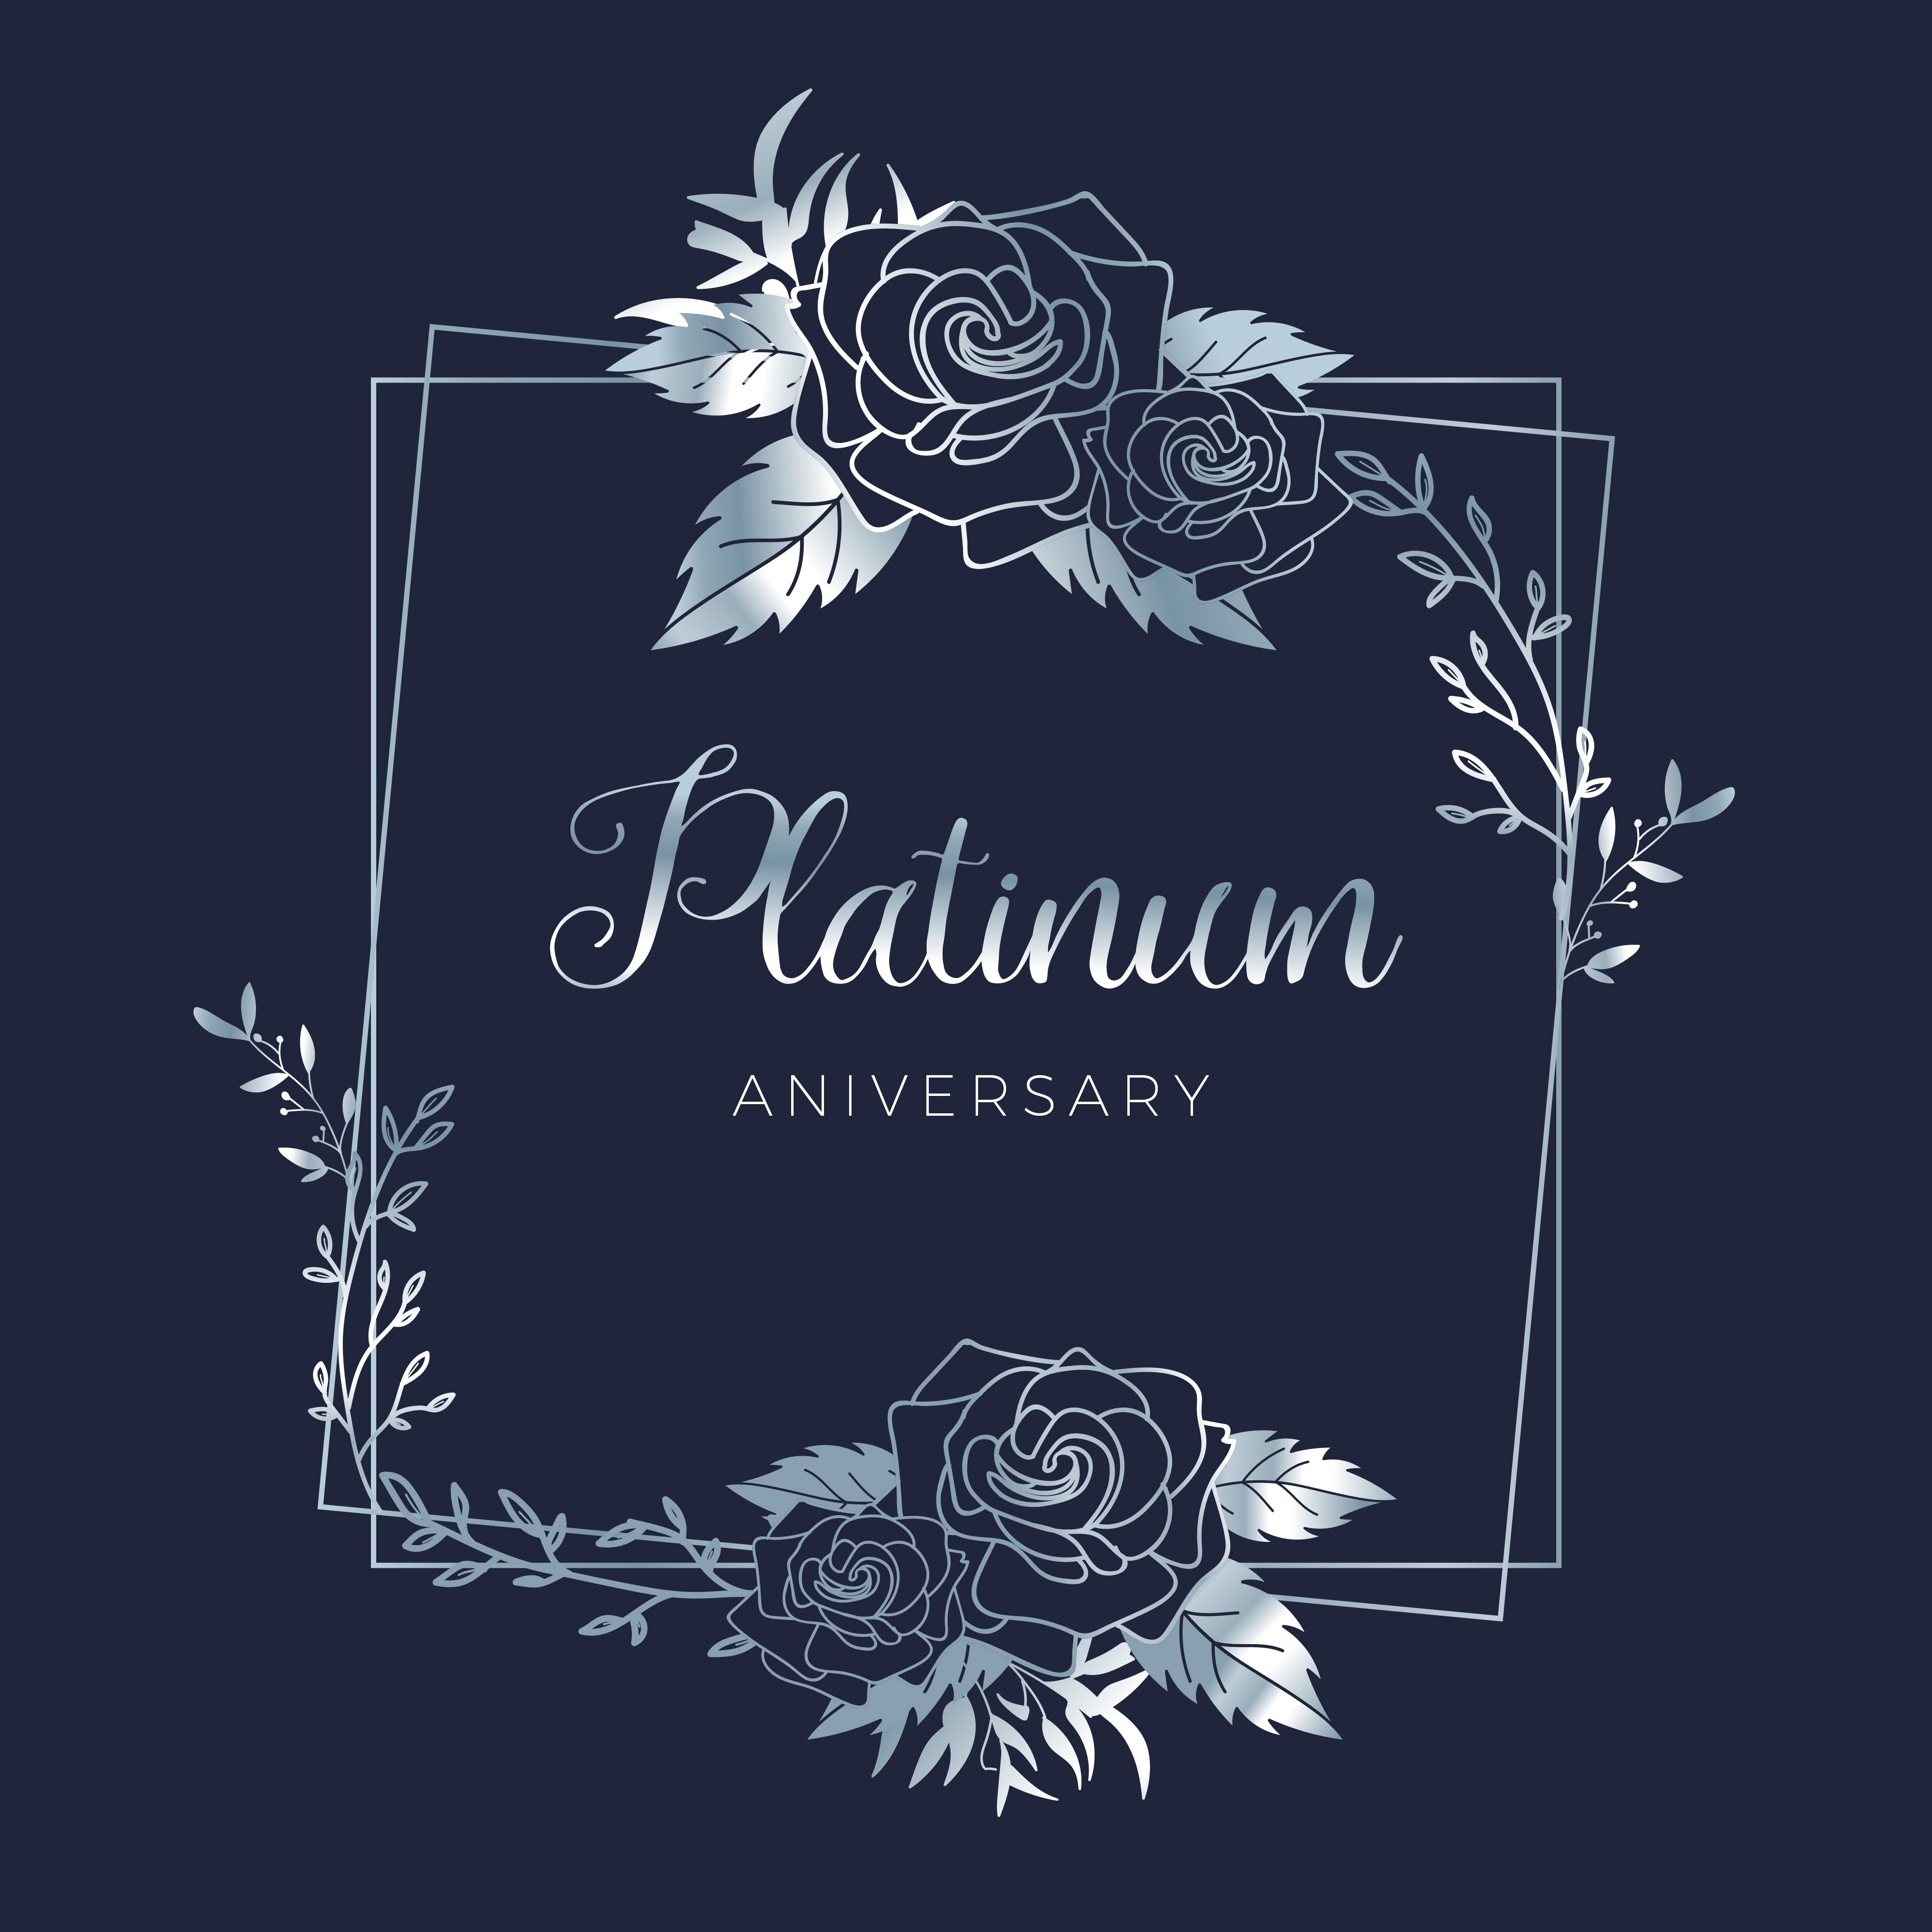 wedding platinum floral wedding anniversary background